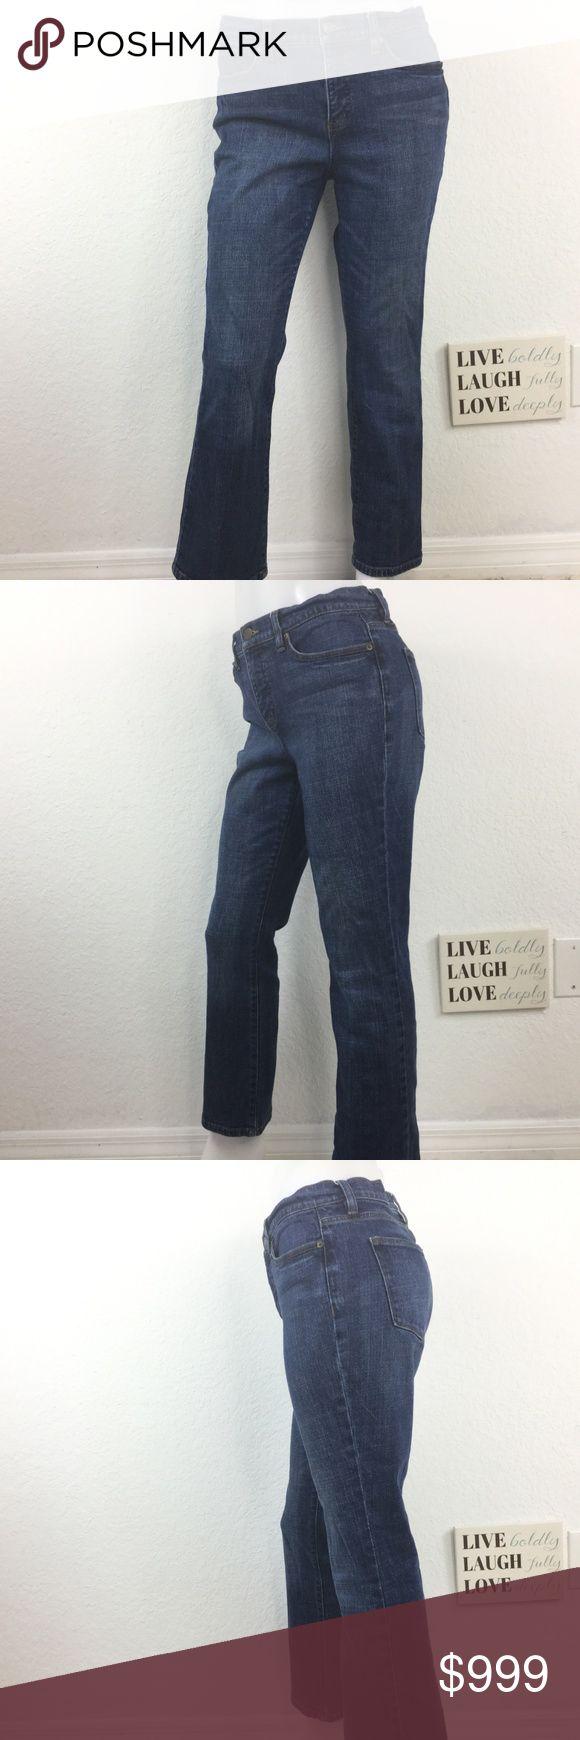 Lauren jeans co petite xl — 11